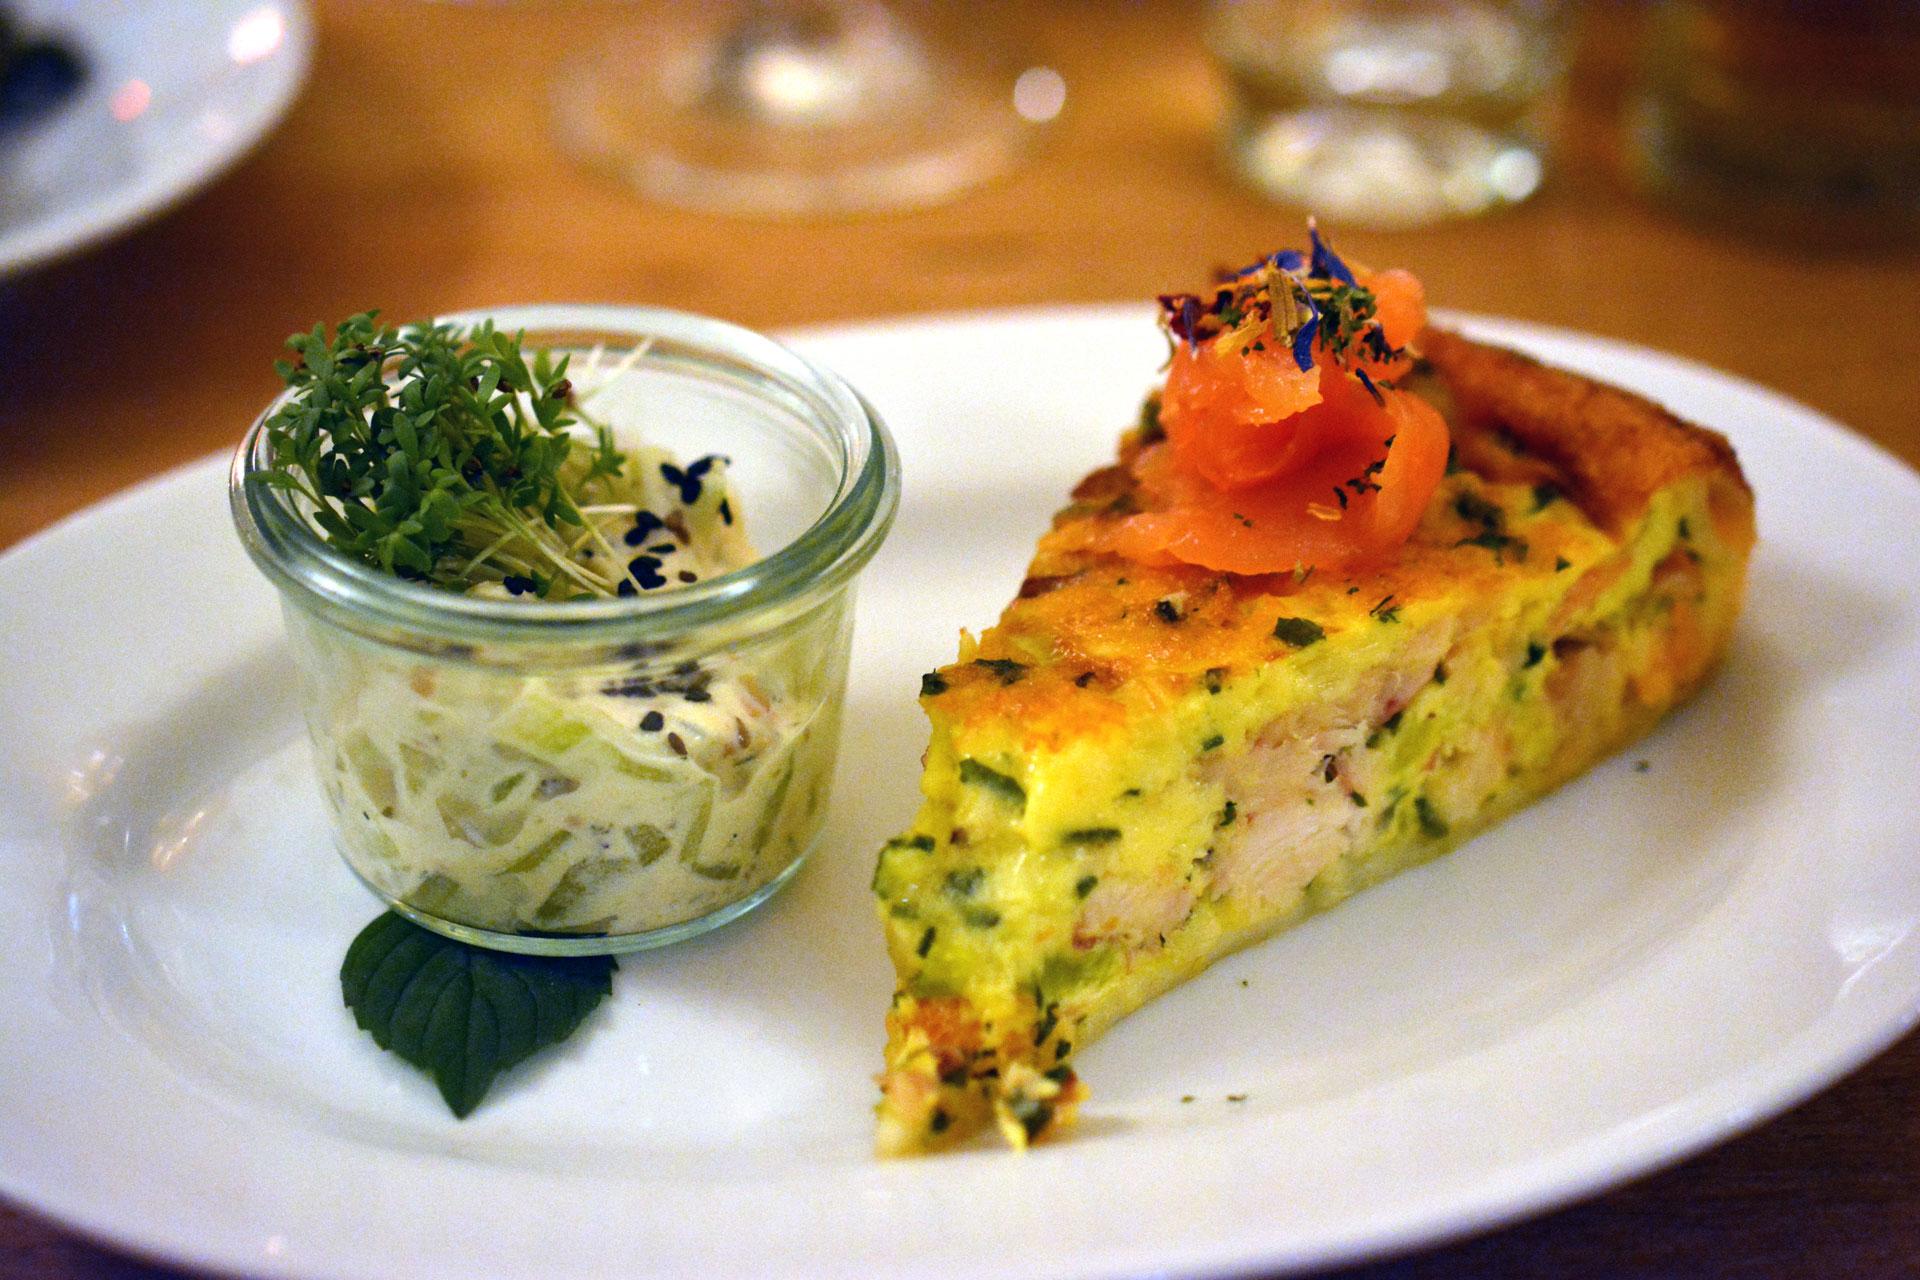 Räucherfisch-Lauch Tarte